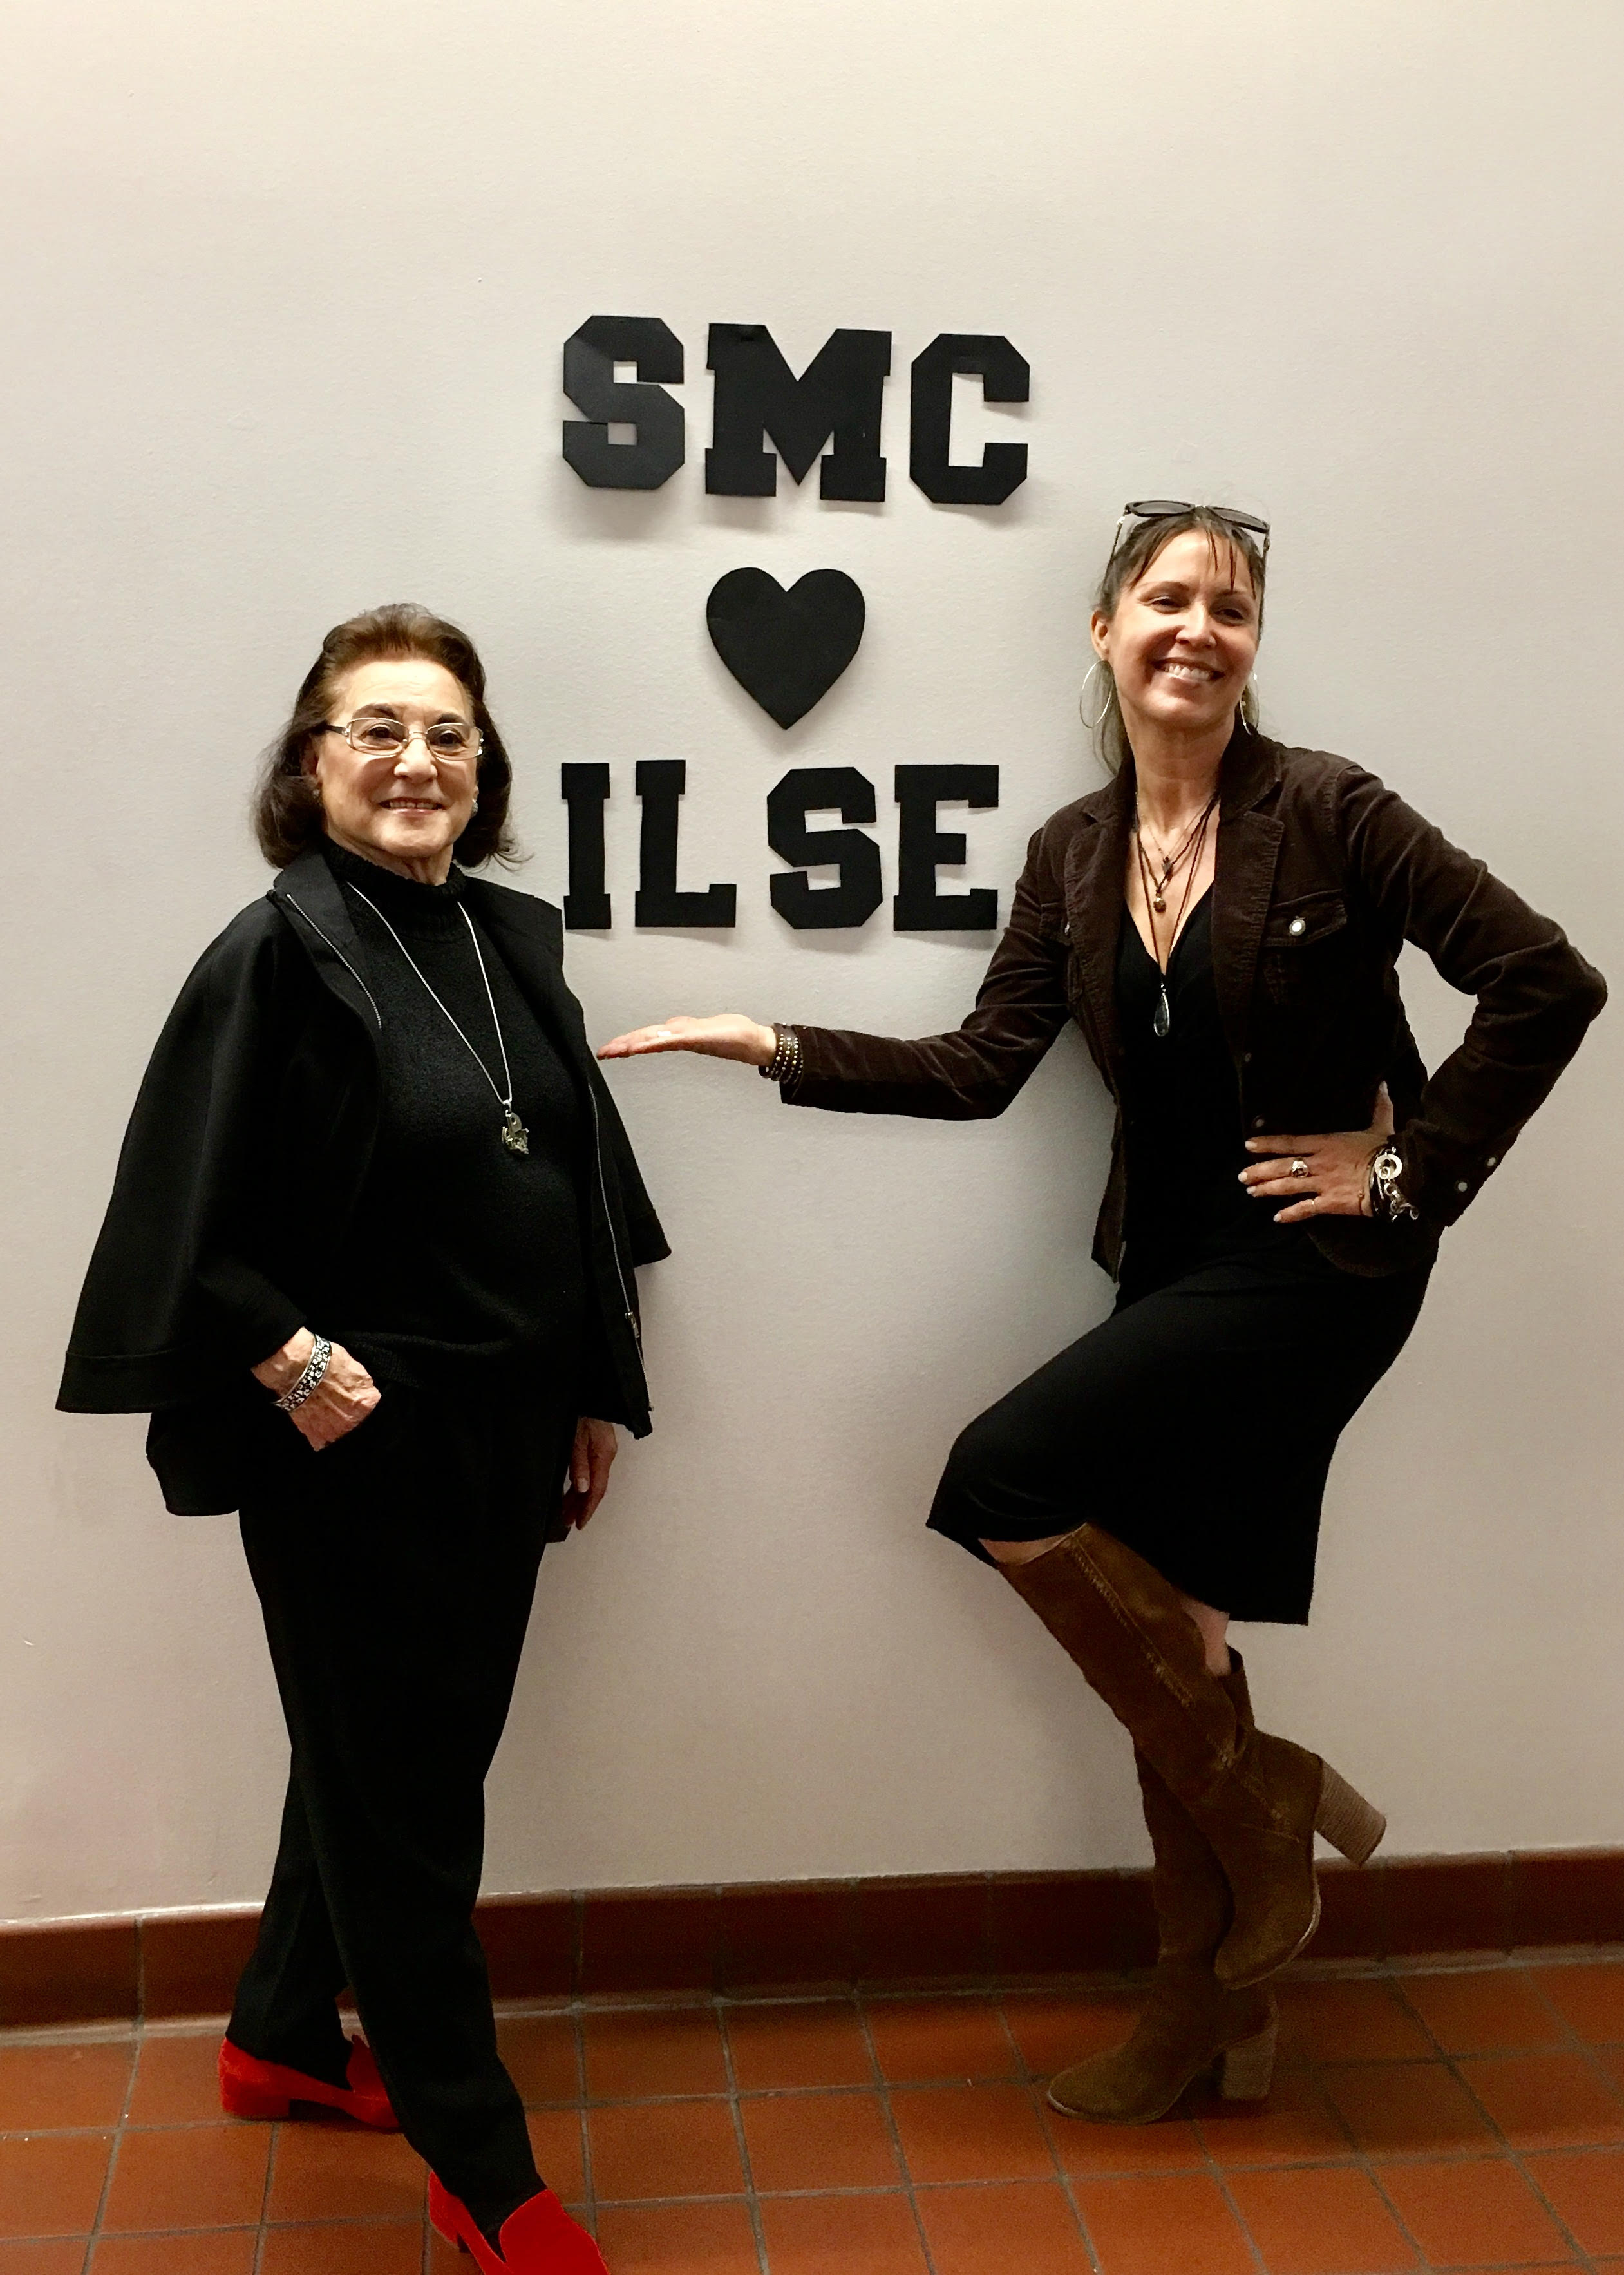 SMC ilse and sita